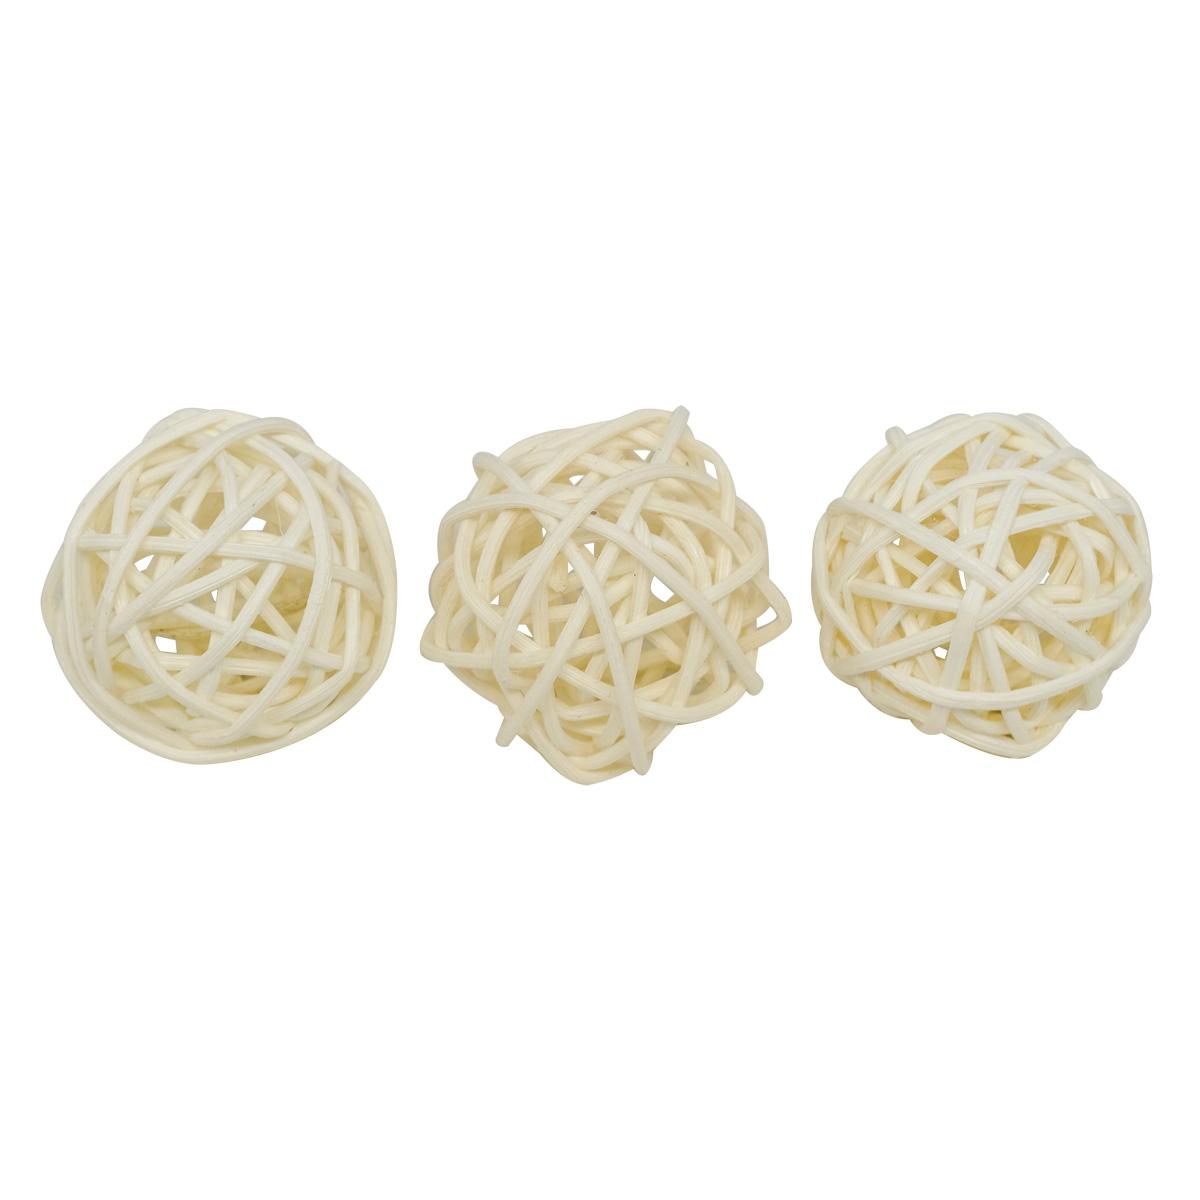 BH172AB Шары декоративные из ротанга 3см, 24шт/упак, цв.W (белый)